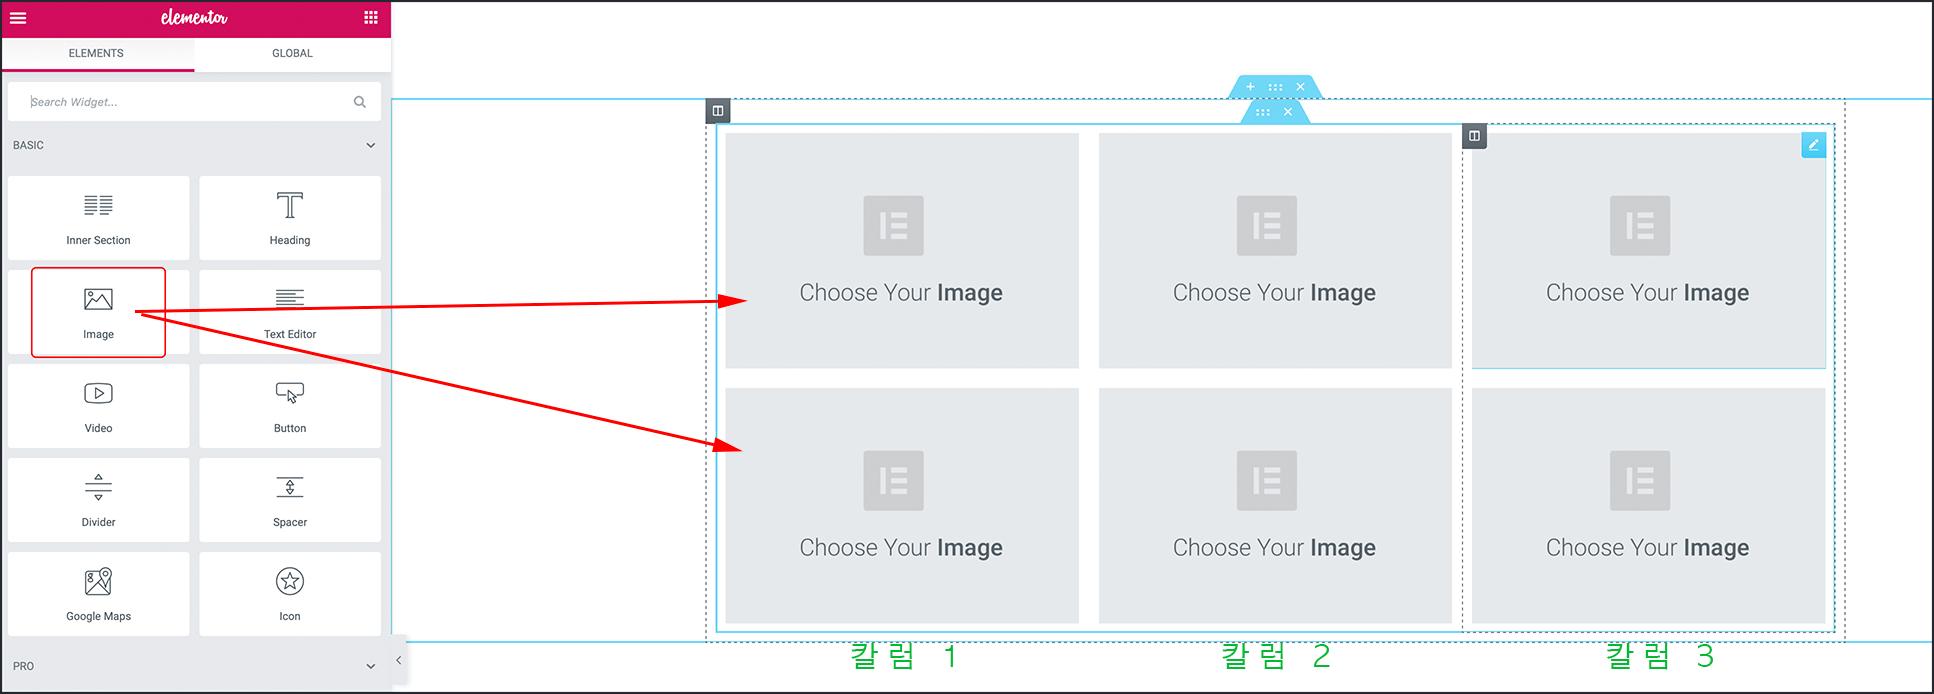 그리드 형태가 된 이미지 위젯 6개